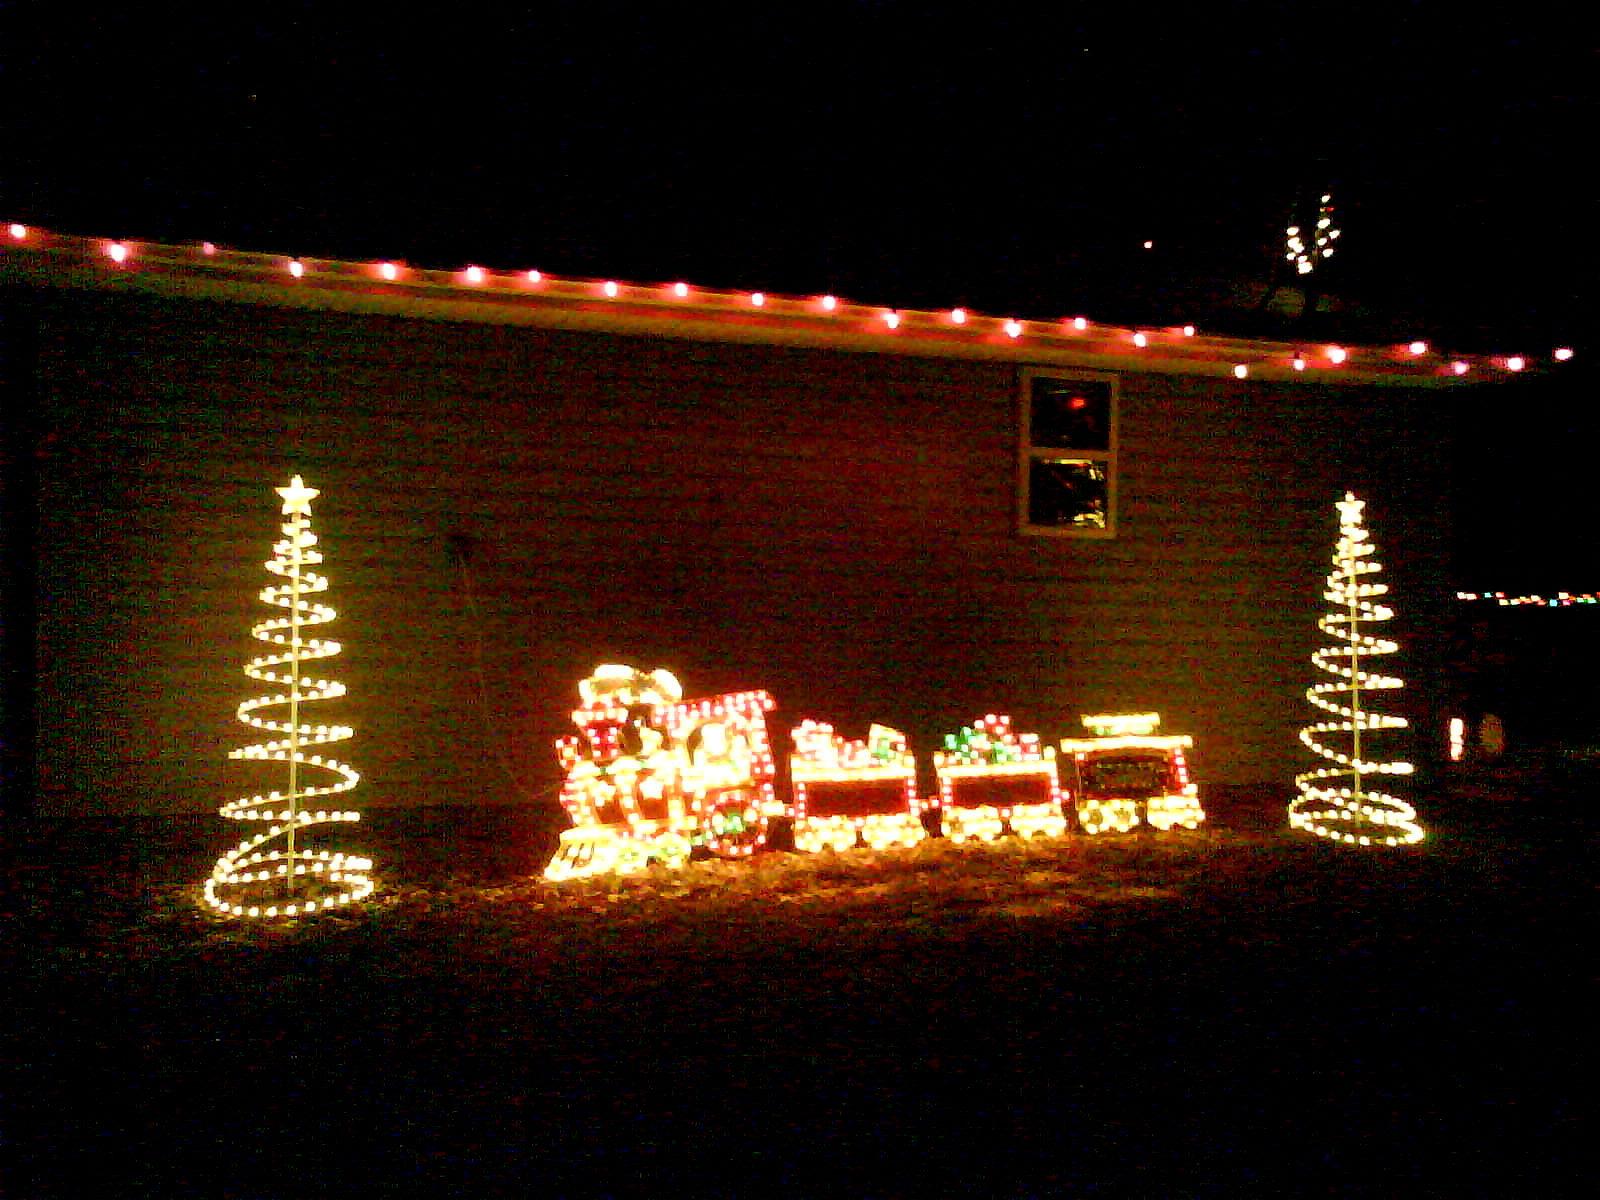 aun con la tripa bien llena de relleno y salsa de arndonos ya se han lanzado a decorar sus casas con los adornos navideos y madre ma como se pasan